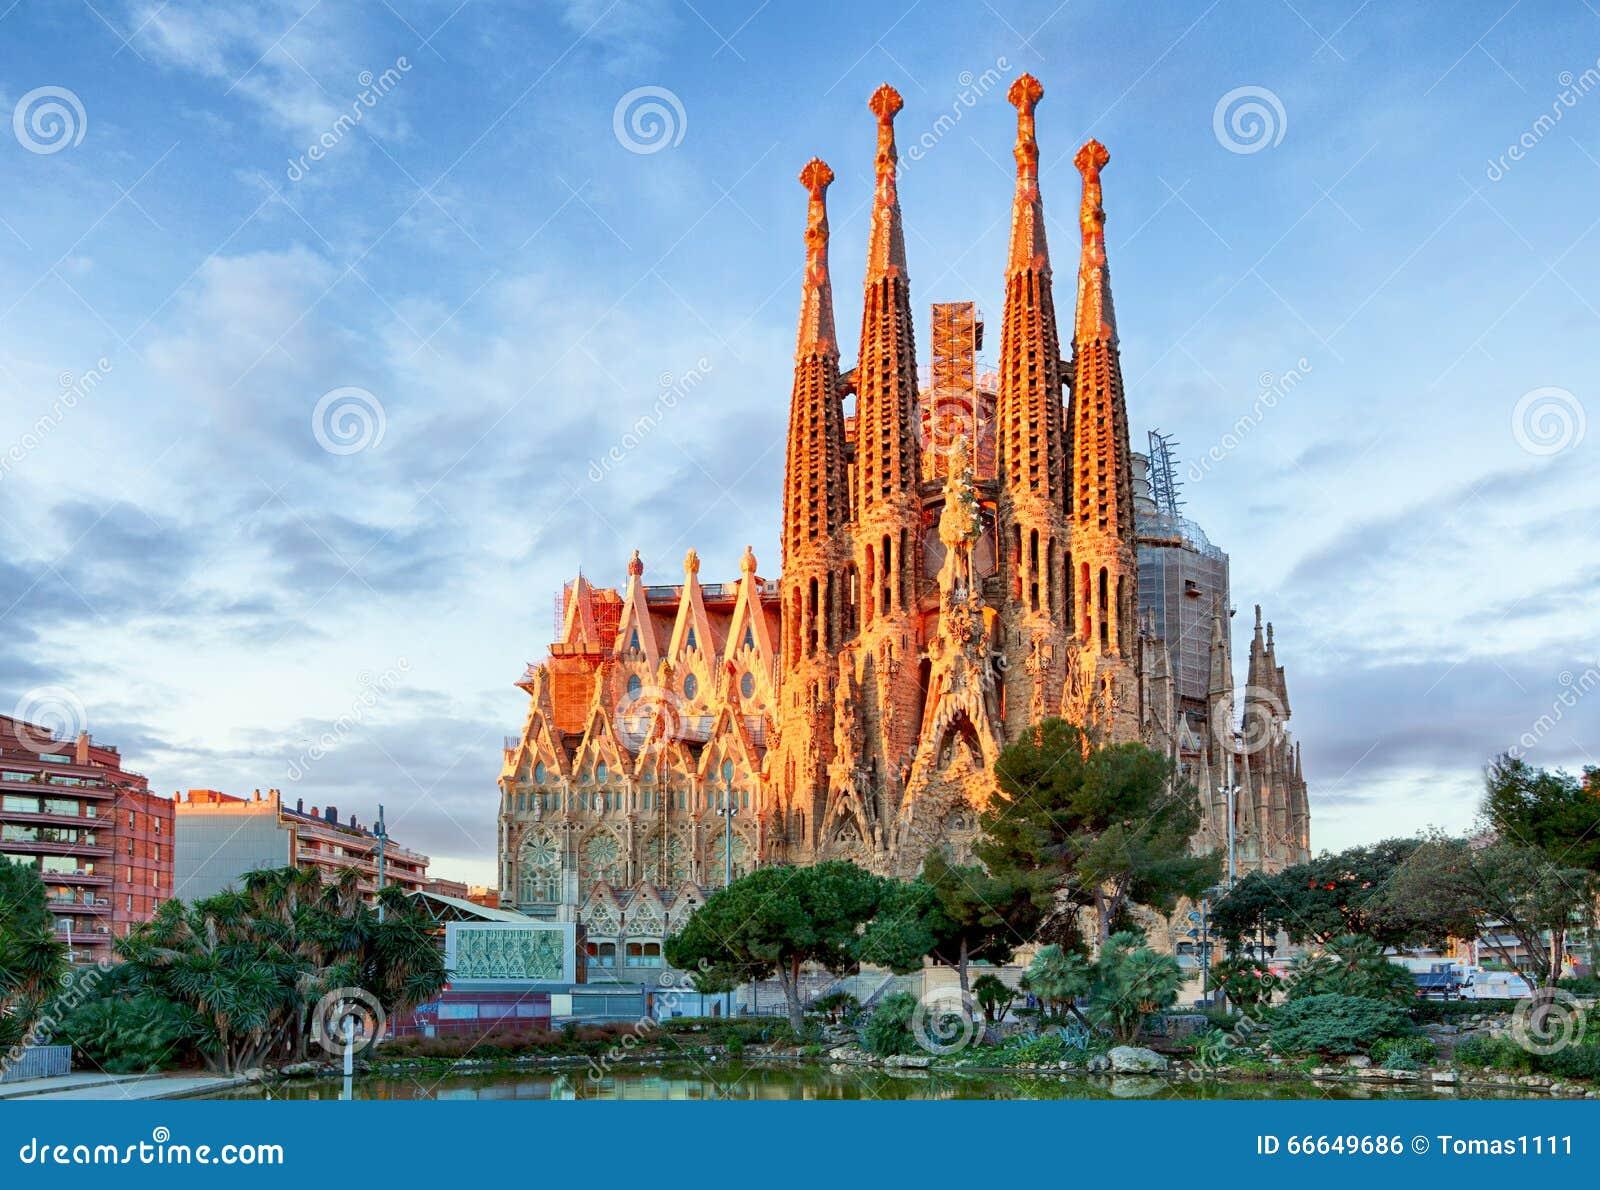 ΒΑΡΚΕΛΩΝΗ, ΙΣΠΑΝΙΑ - 10 ΦΕΒΡΟΥΑΡΊΟΥ: Λα Sagrada Familia